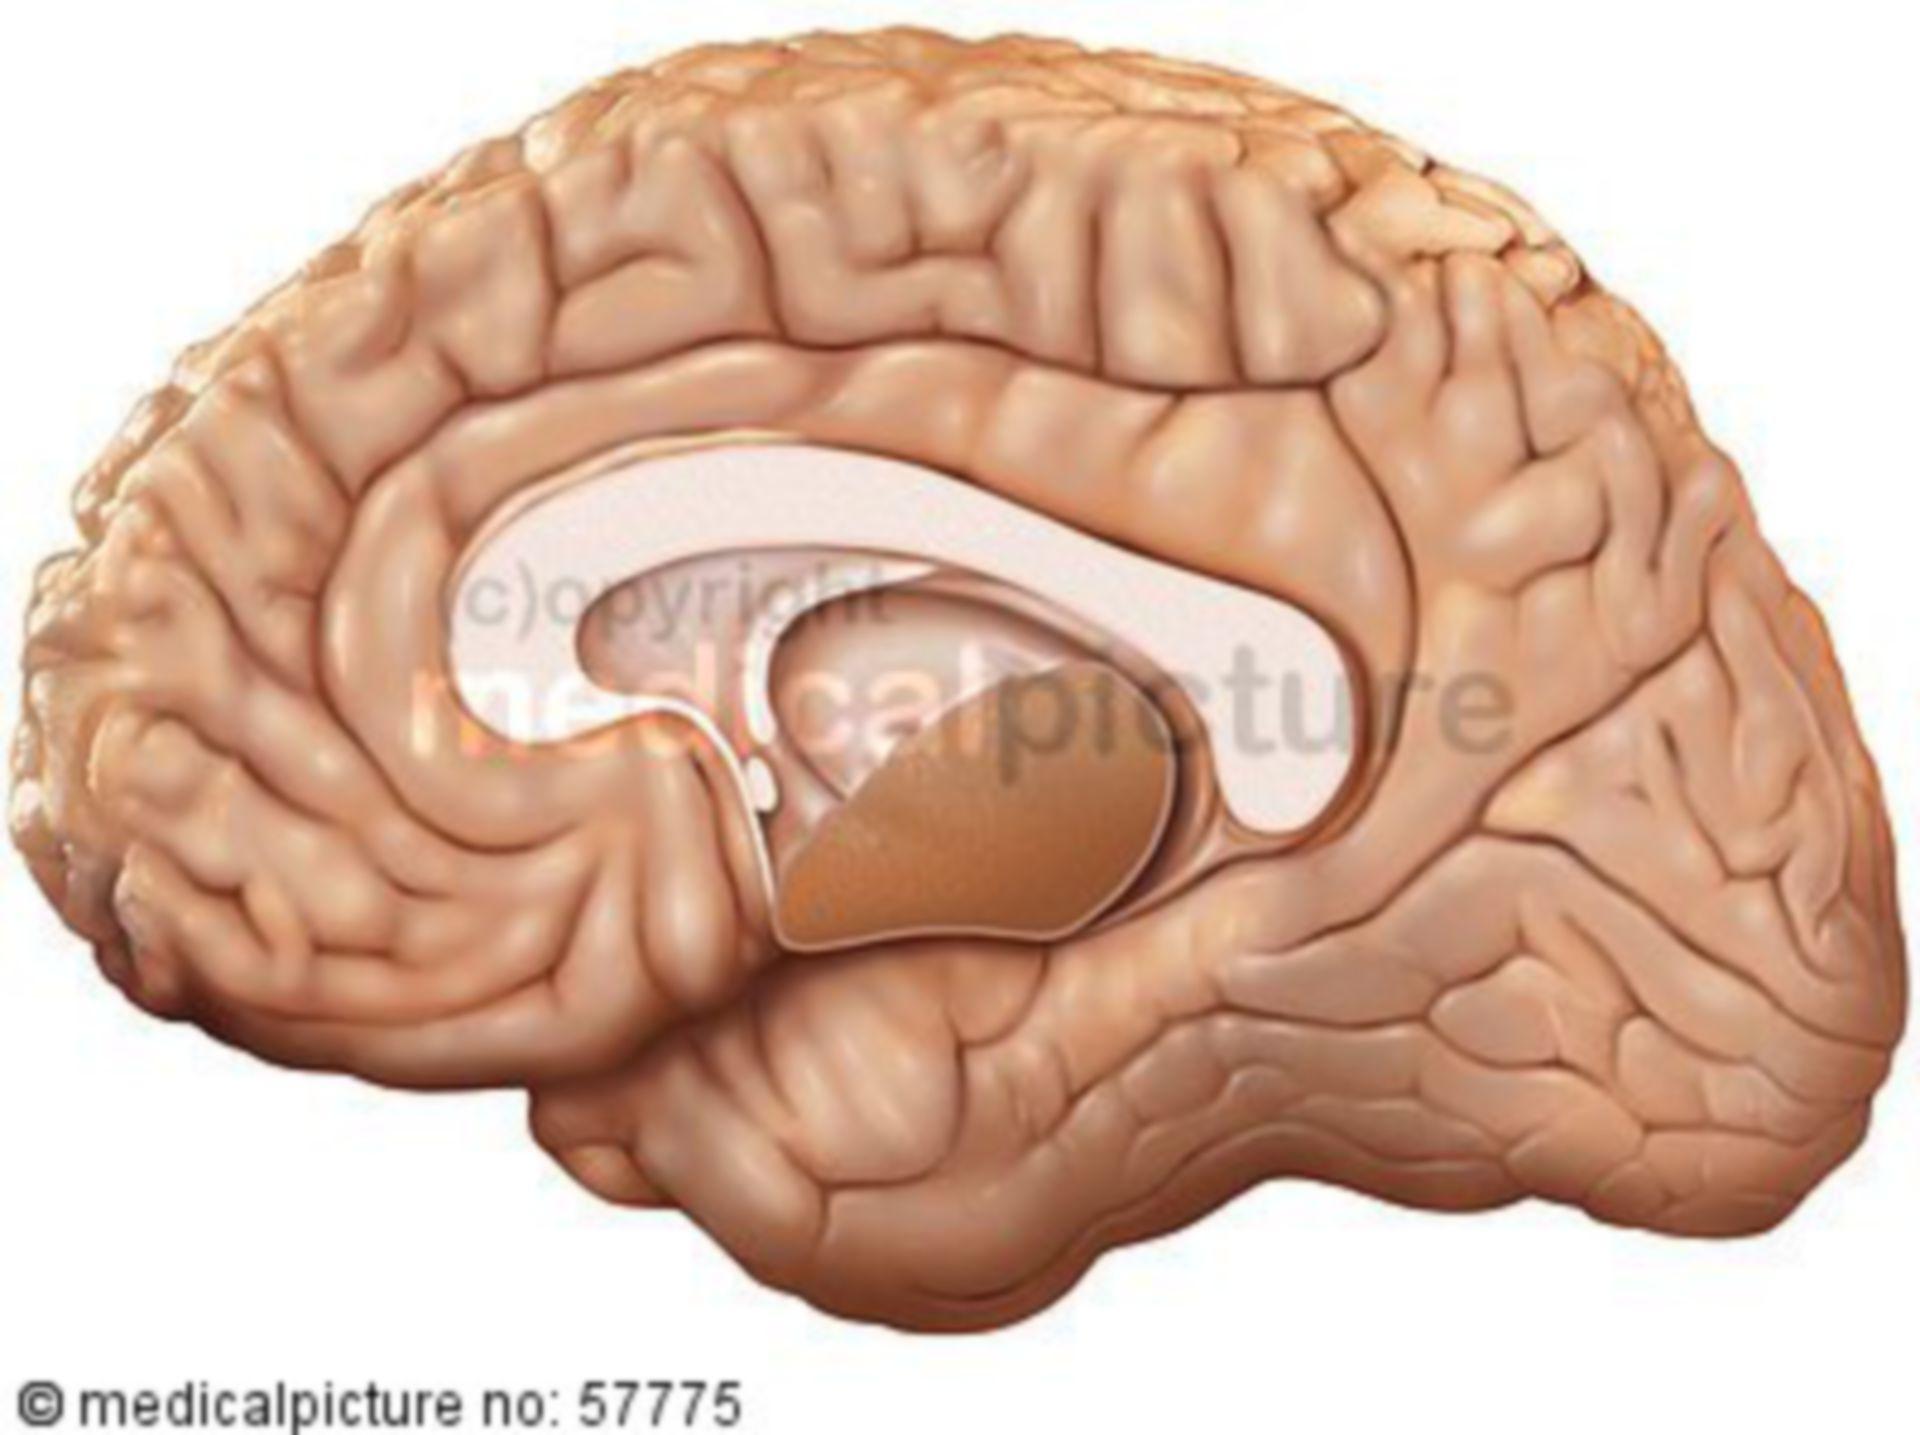 Anatomische Illustrationen - Gehirn (Sagittalschnitt)